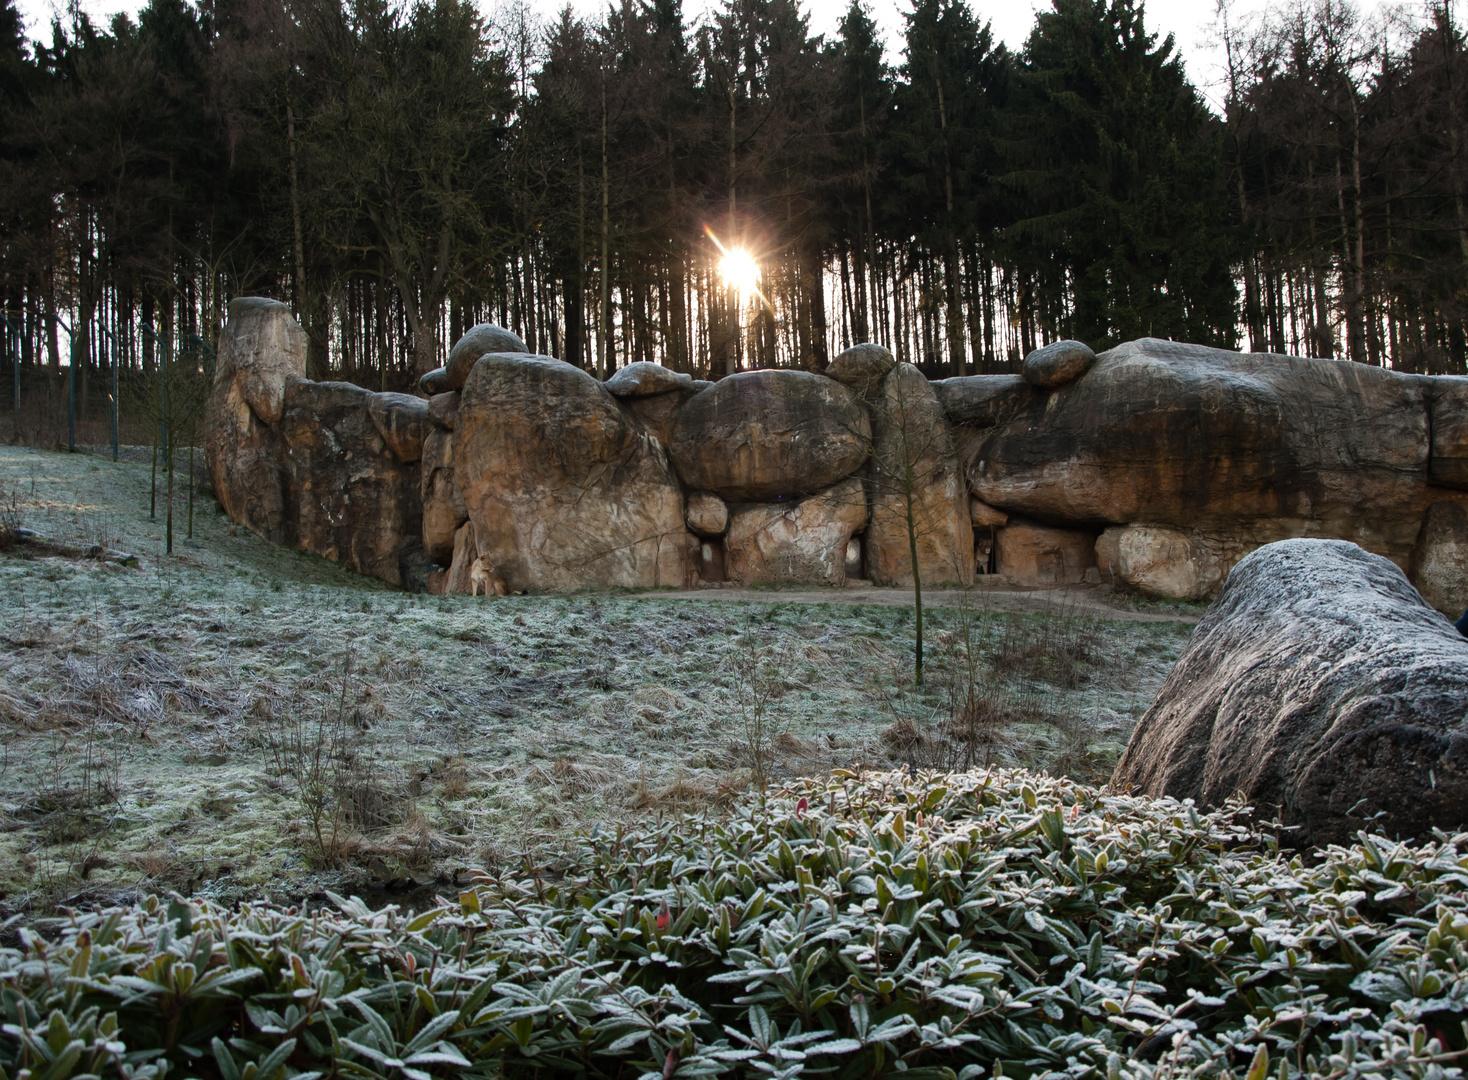 Löwengehege im Zoo Wuppertal im eiskalten Januar